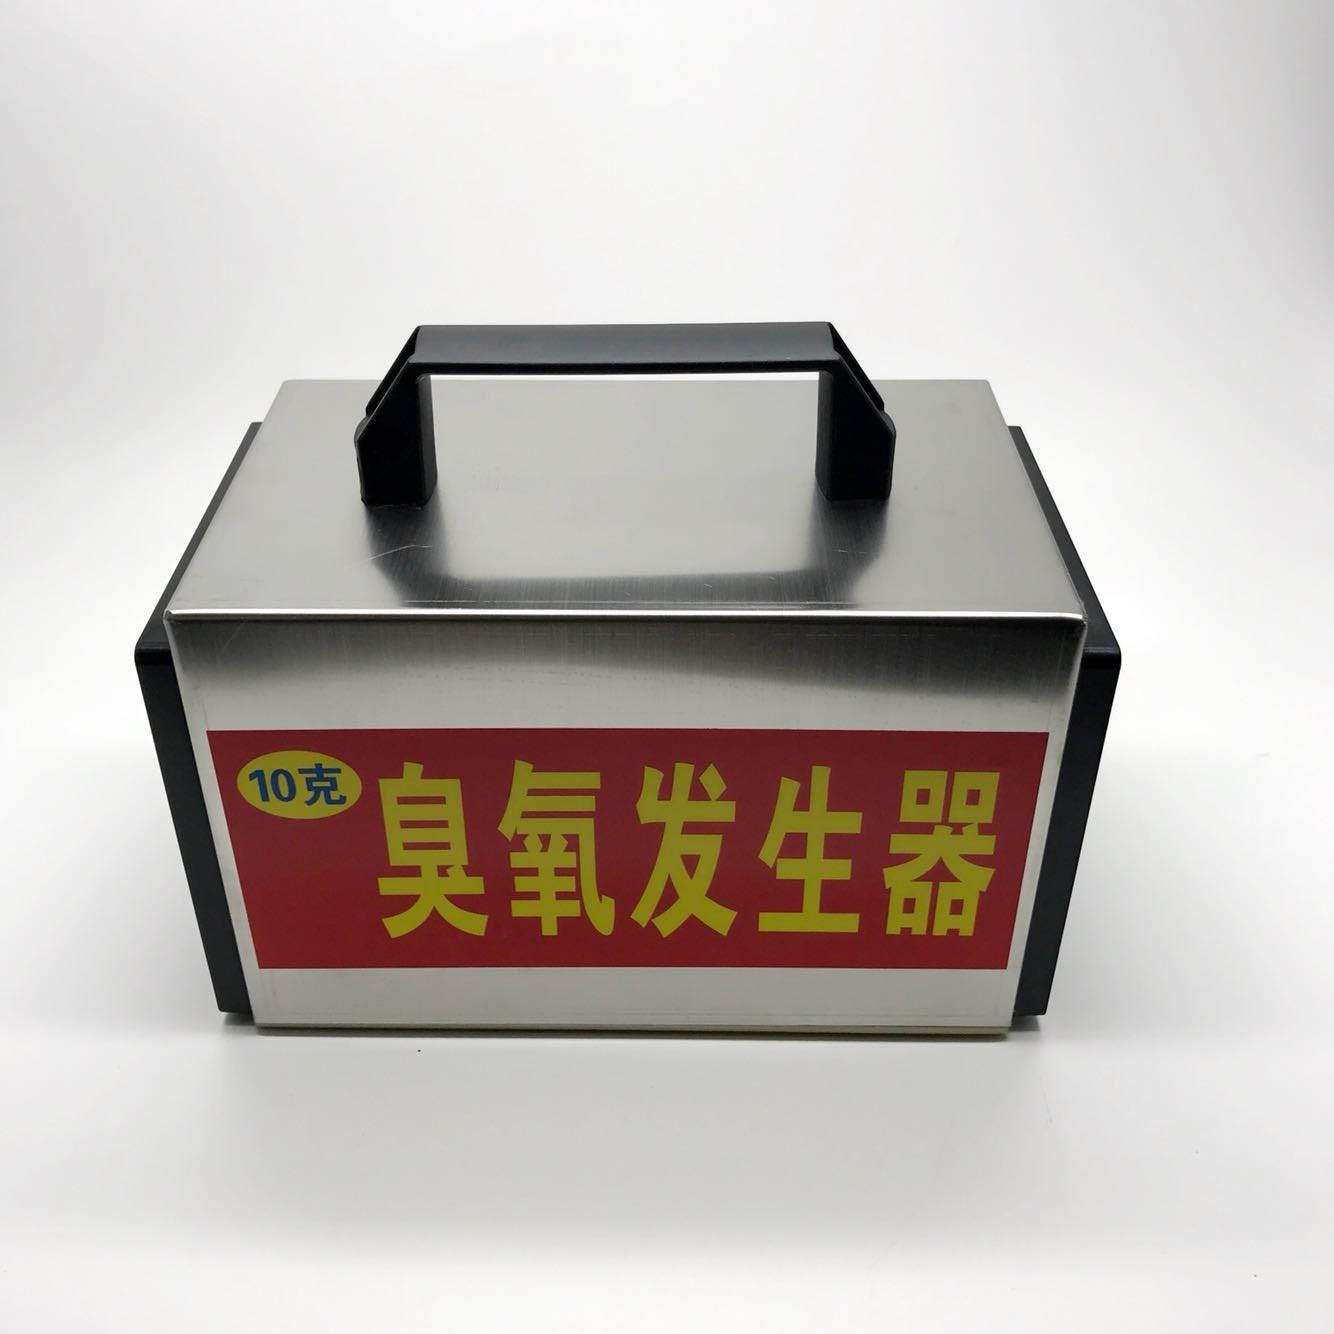 [献杰商贸旗靓店解毒,活氧机]10g臭氧发生器(长寿命)臭氧机 新月销量0件仅售256元